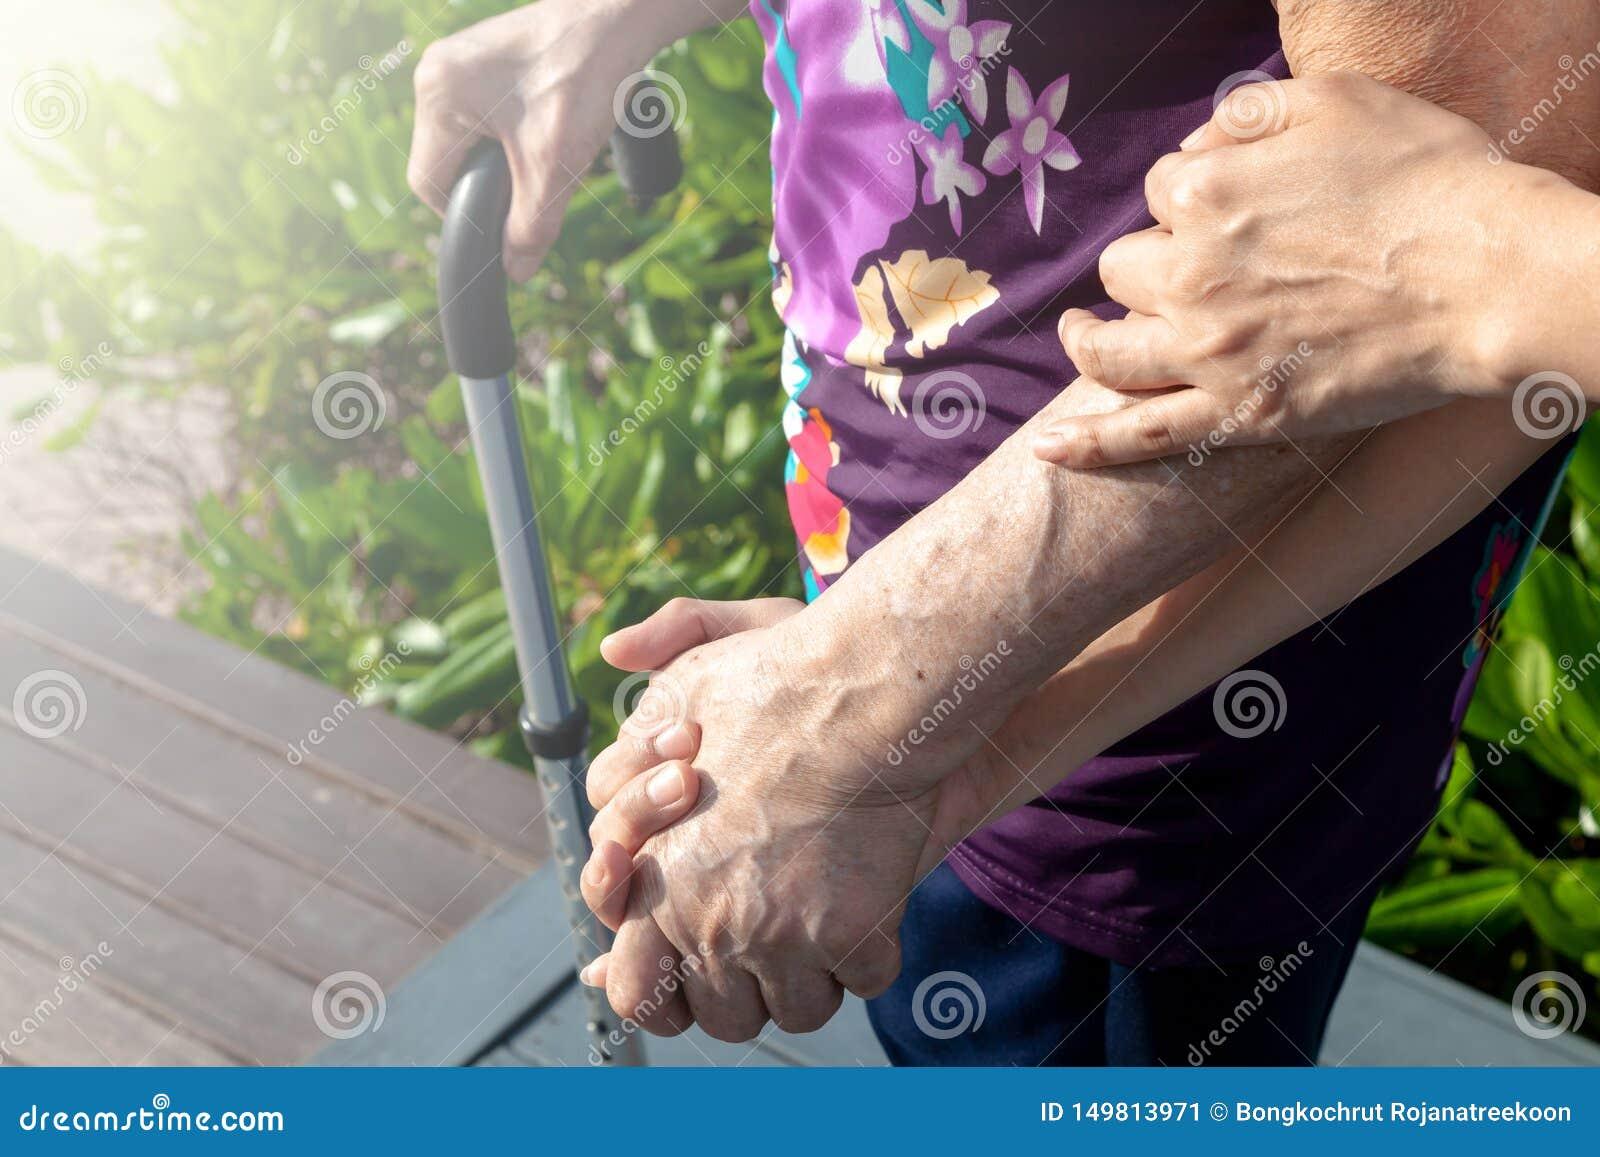 Córki lub syna chwyta matki ręka pomagać ona chodzić ostrożnie